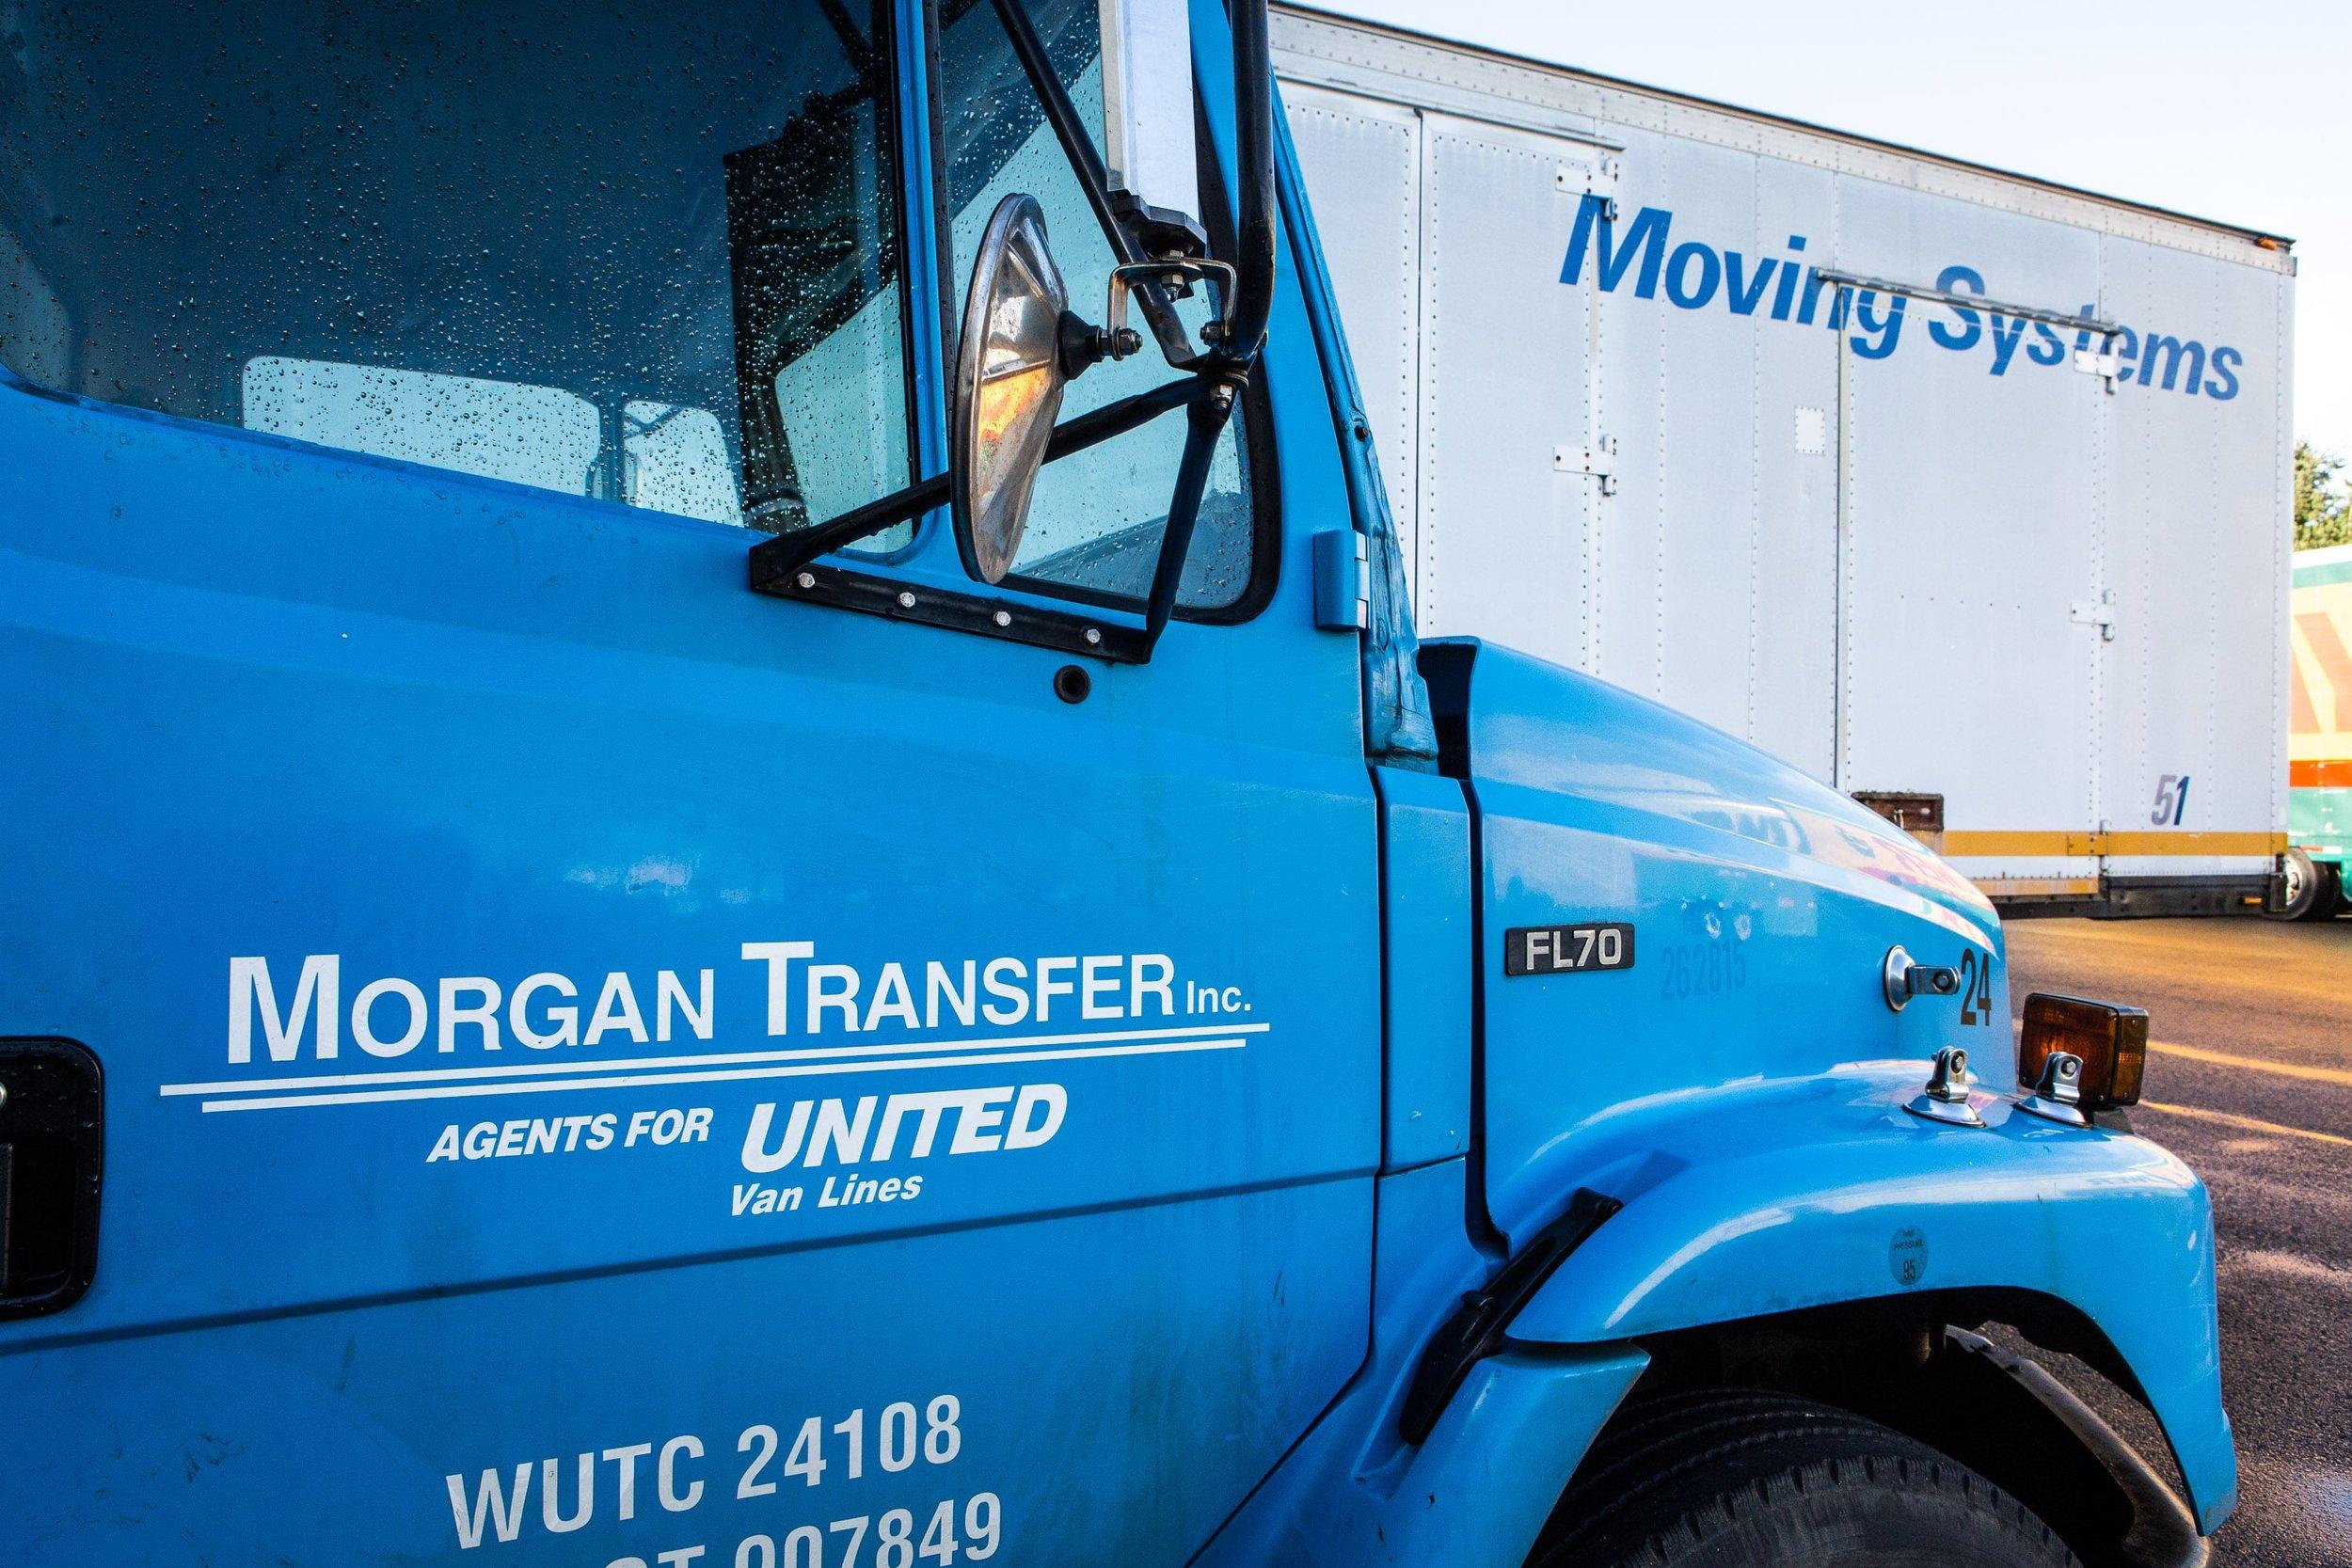 Morgan-Transfer-17.jpg